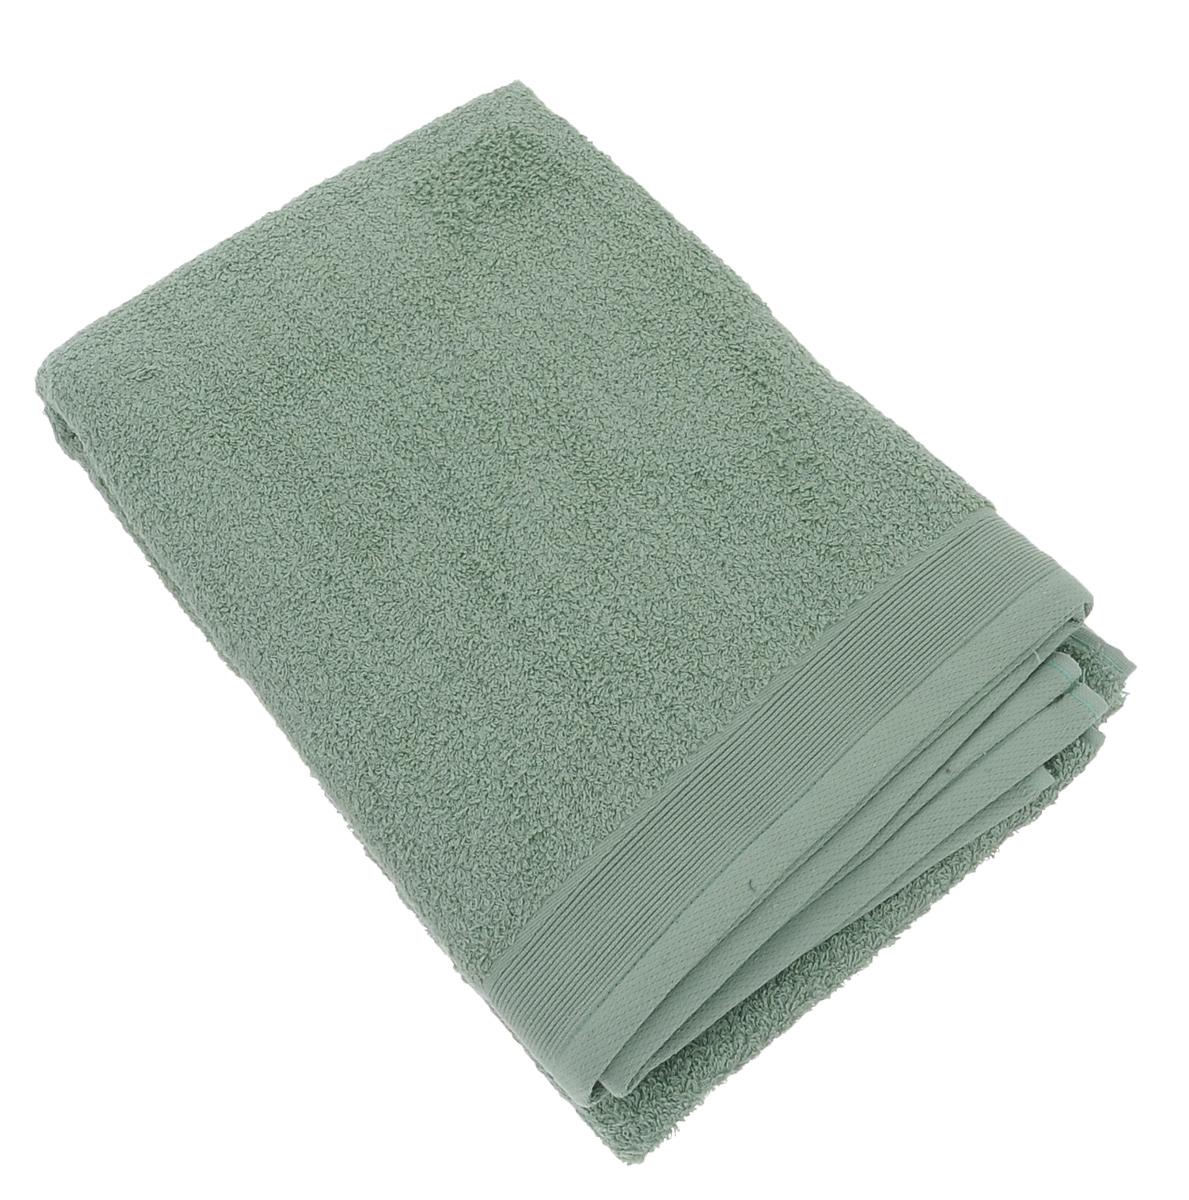 Полотенце махровое Guten Morgen, цвет: светло-зеленый, 100 х 150 см70697В состав полотенца Guten Morgen входит только натуральное волокно - хлопок. Лаконичные бордюры подойдут для любого интерьера ванной комнаты. Полотенце прекрасно впитывает влагу и быстро сохнет. При соблюдении рекомендаций по уходу не линяет и не теряет форму даже после многократных стирок. Плотность: 500 г/м2.